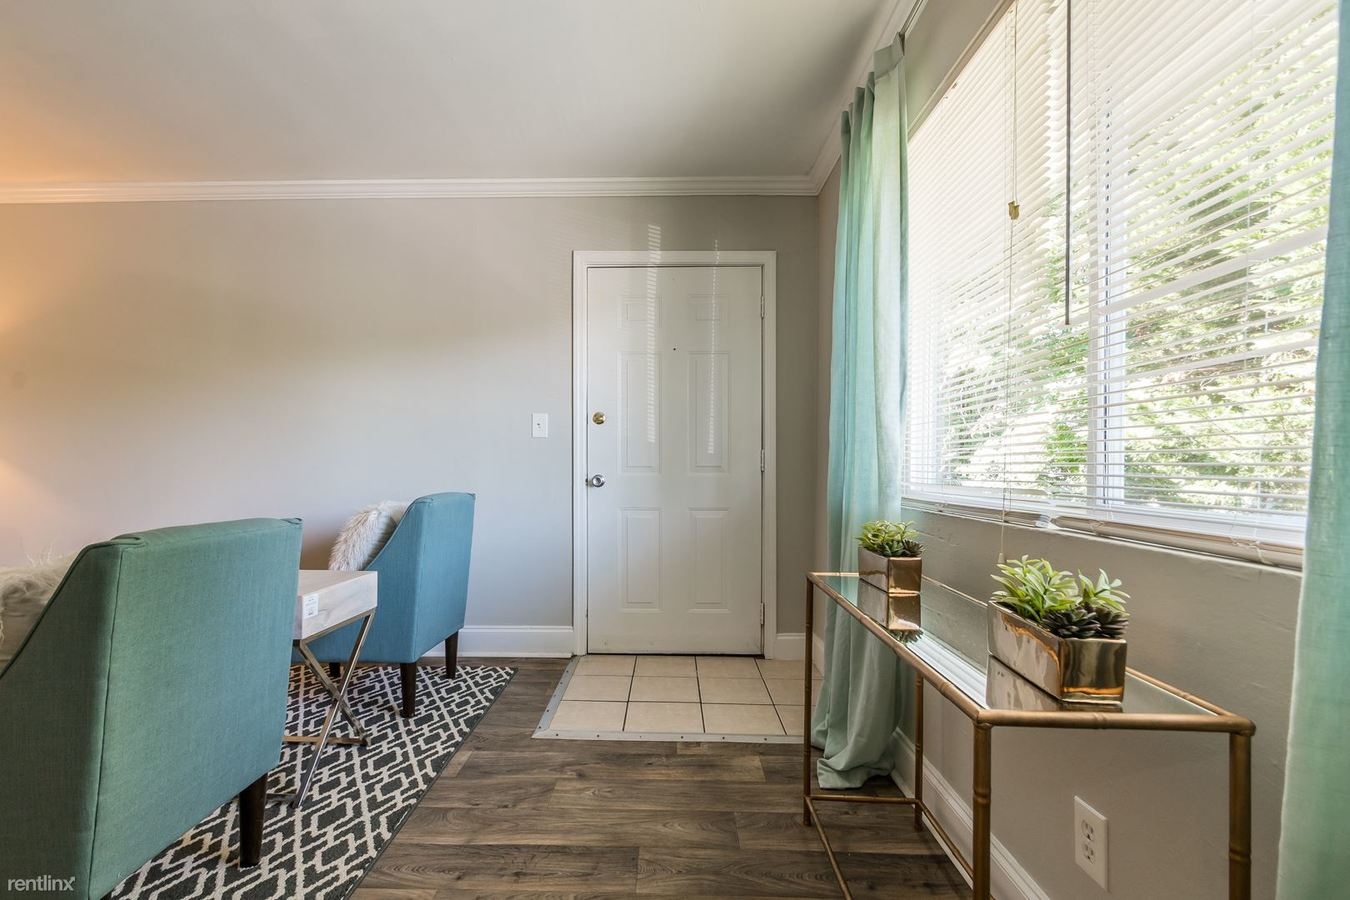 2 Bedrooms 1 Bathroom Apartment for rent at East Lake Gardens Apartments in Atlanta, GA